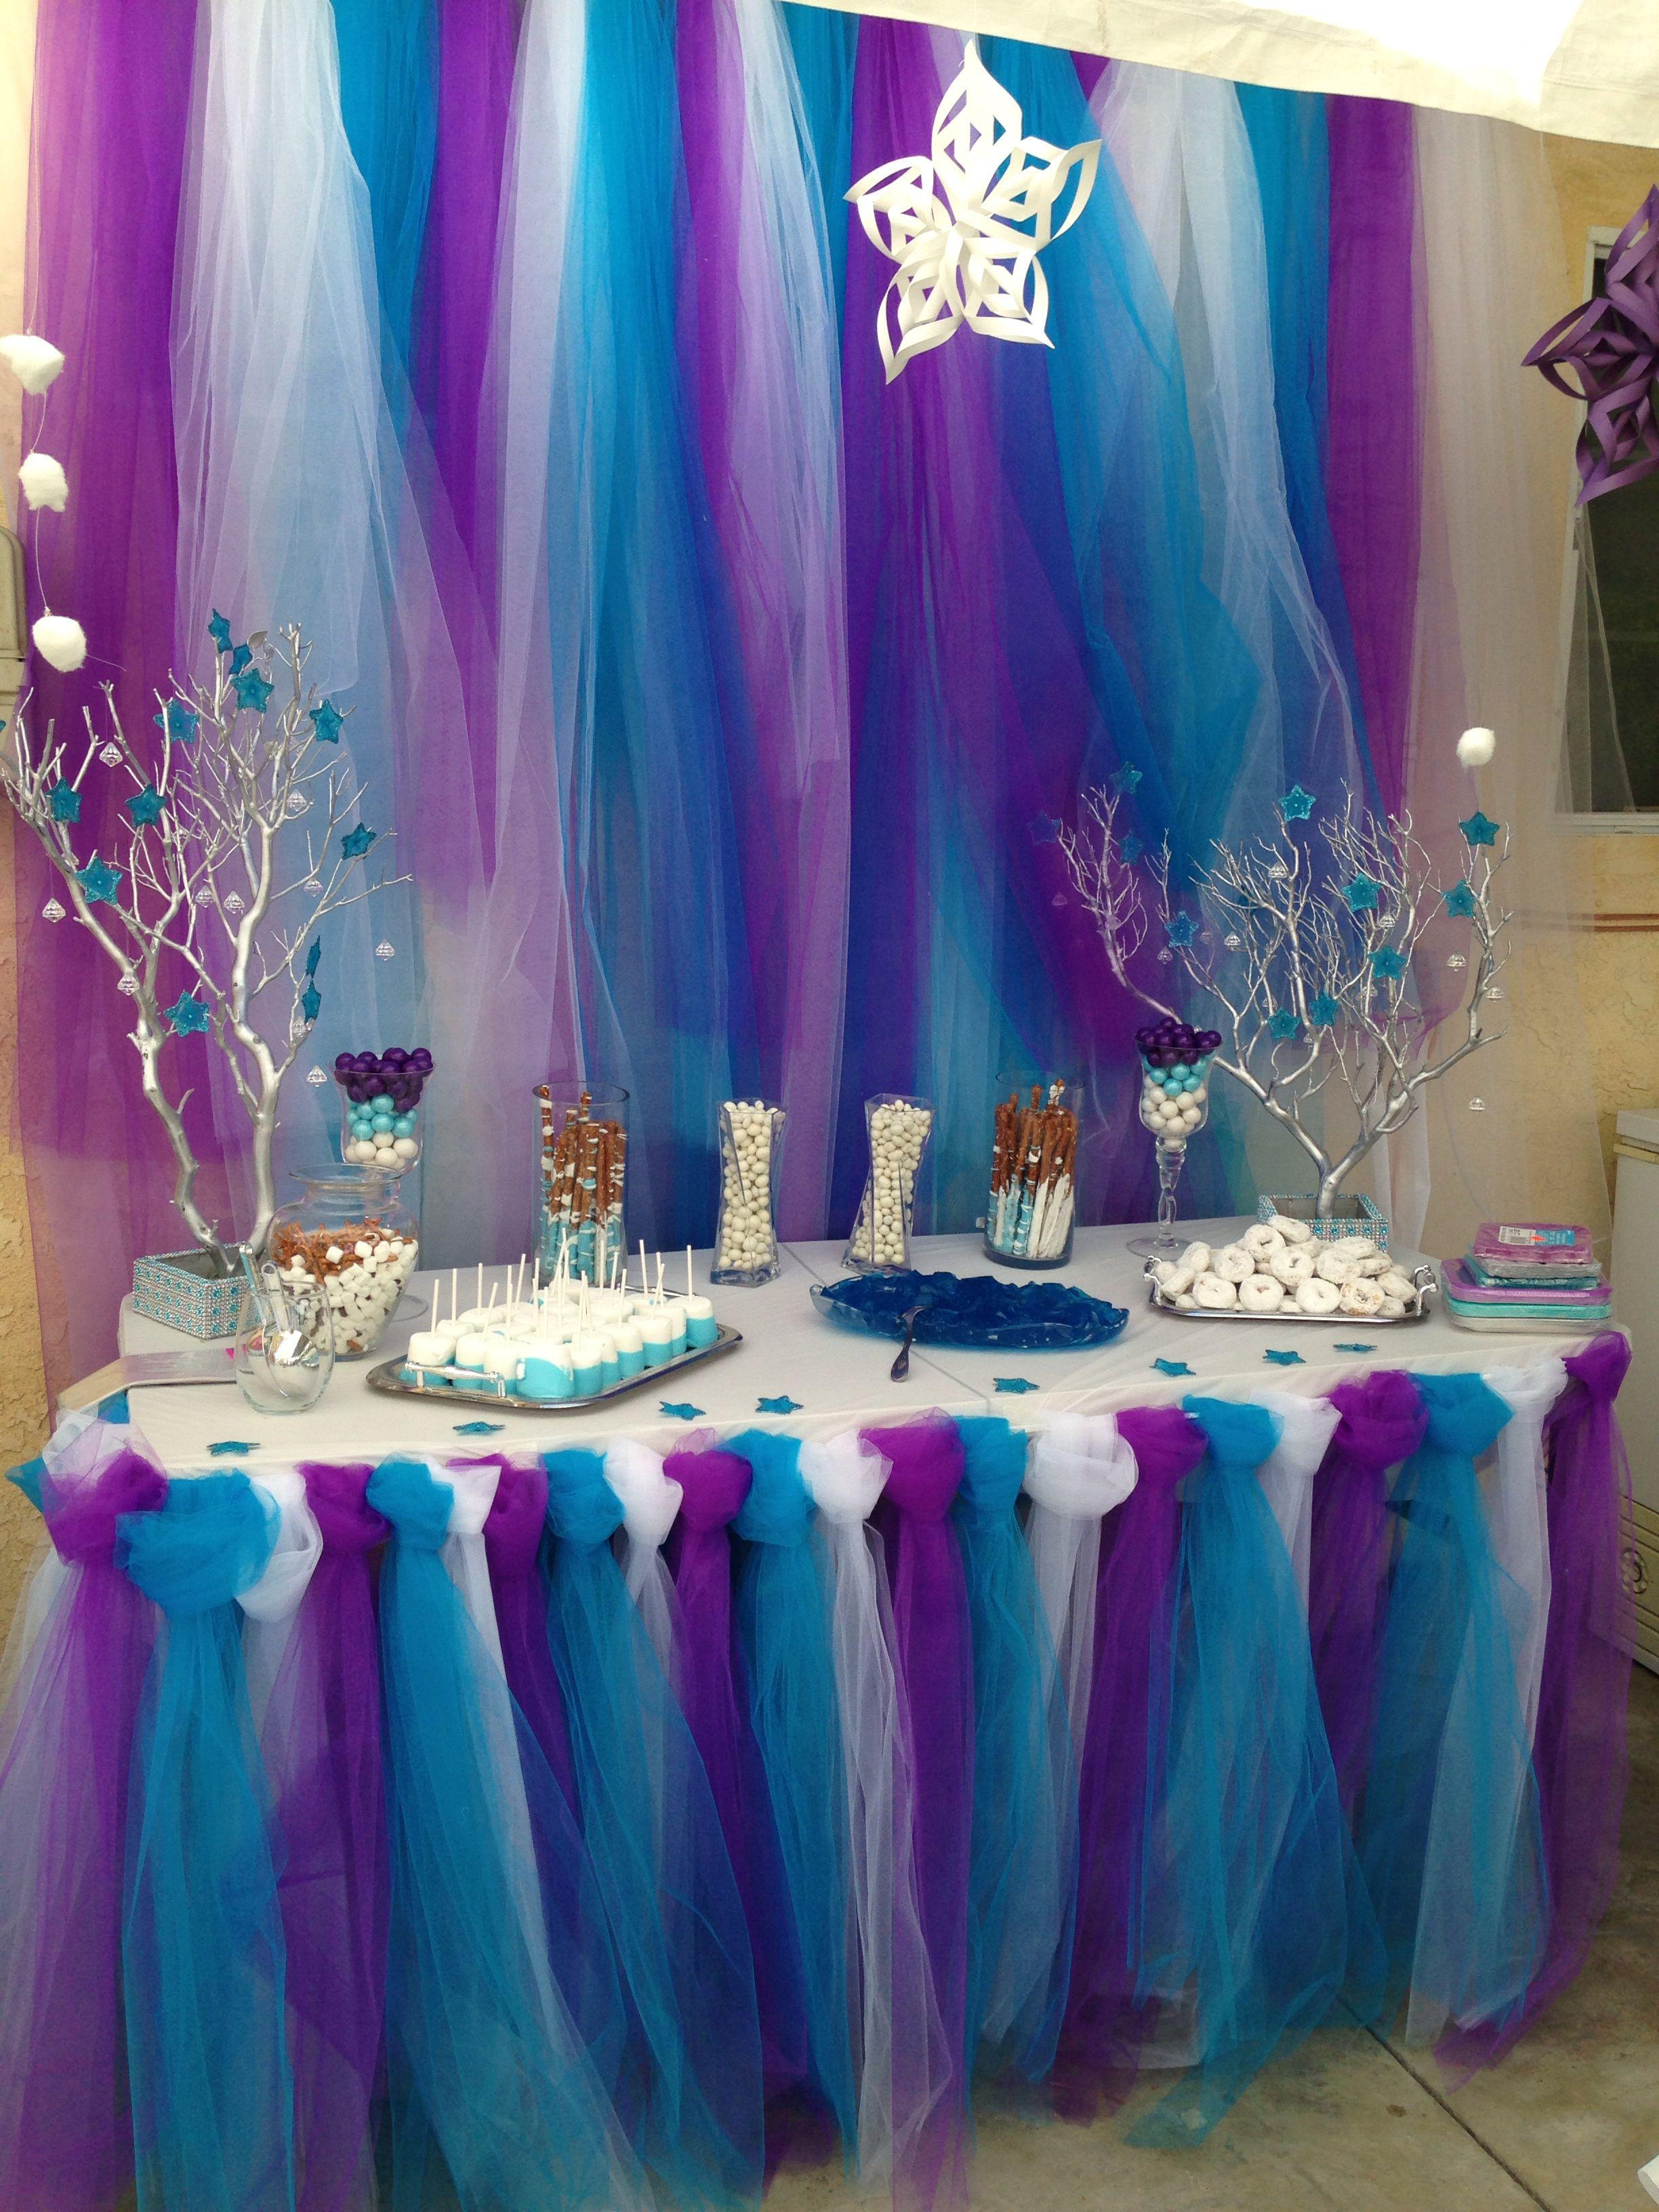 Un cumpleaños al estilo de Frozen | Pinterest | Fiestas, Color y Frozen